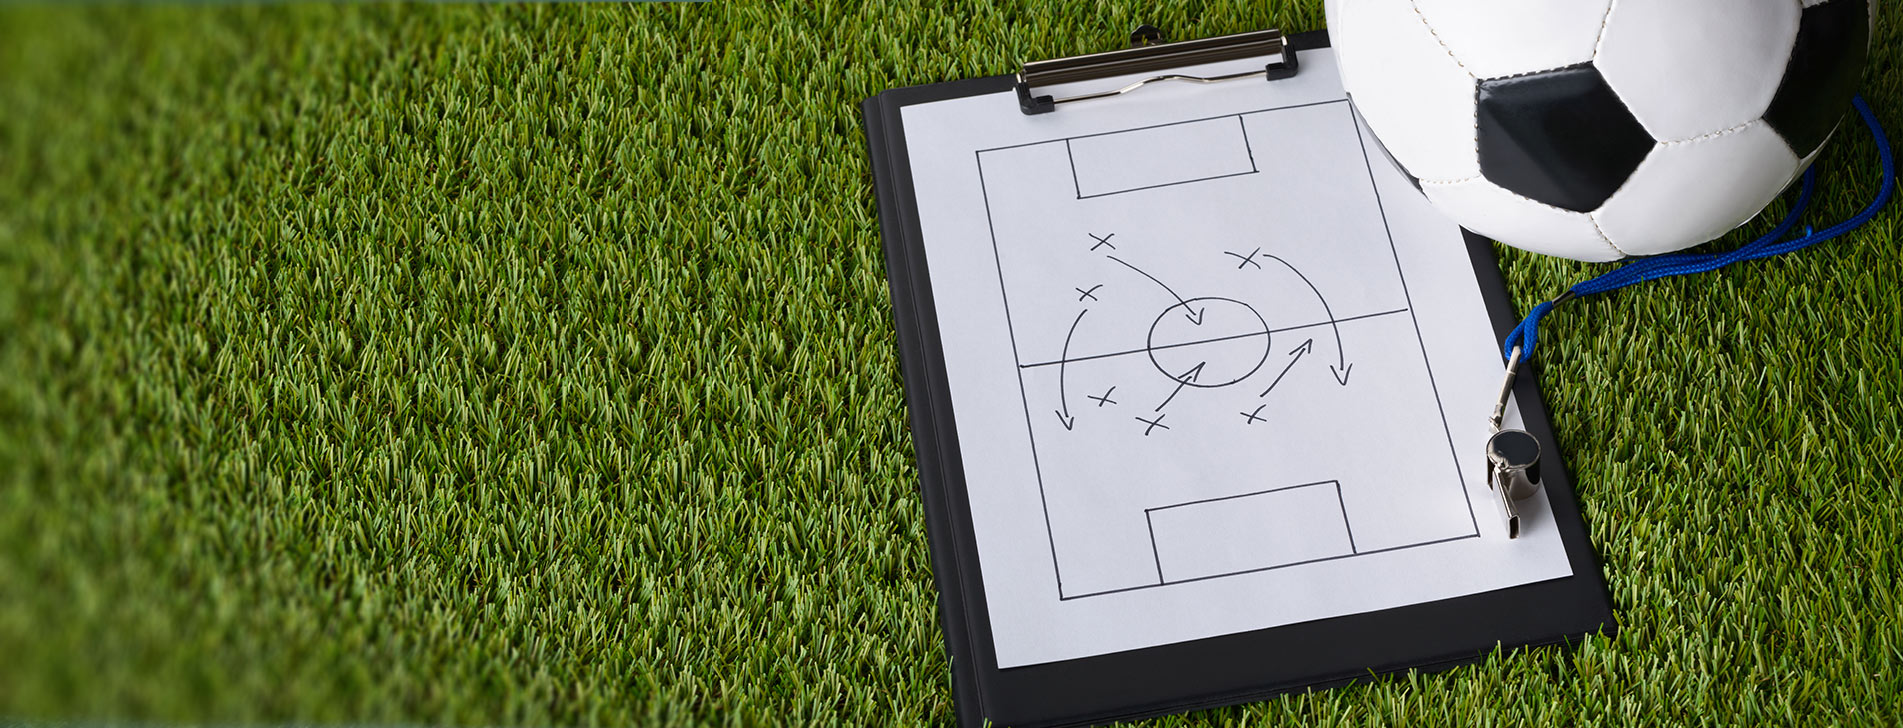 Bund Deutscher Fußball-Lehrer e.V. - BDFL